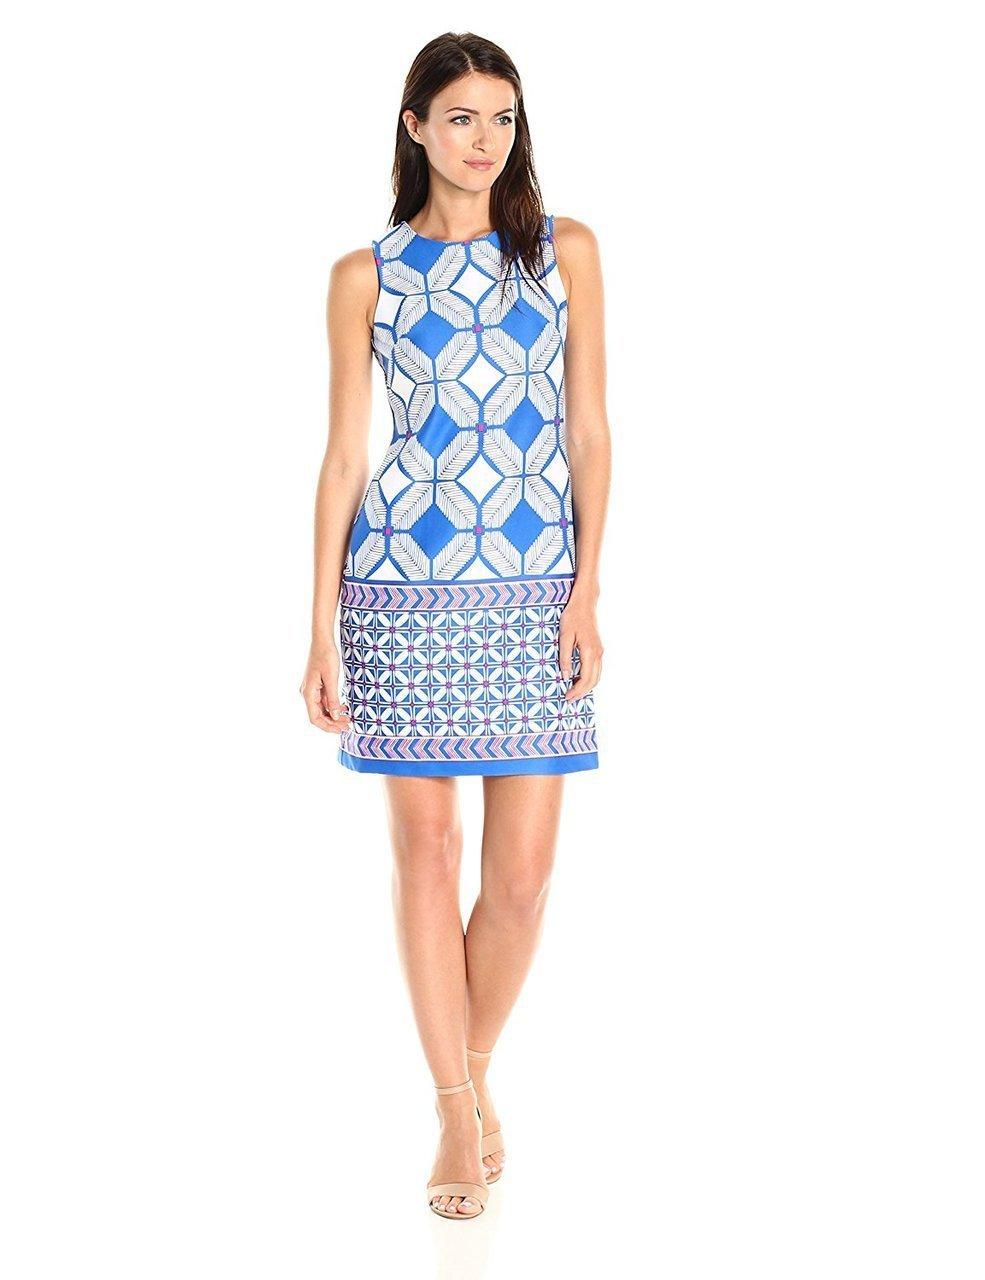 Taylor - 9175MJ Geo-Print Scuba Dress